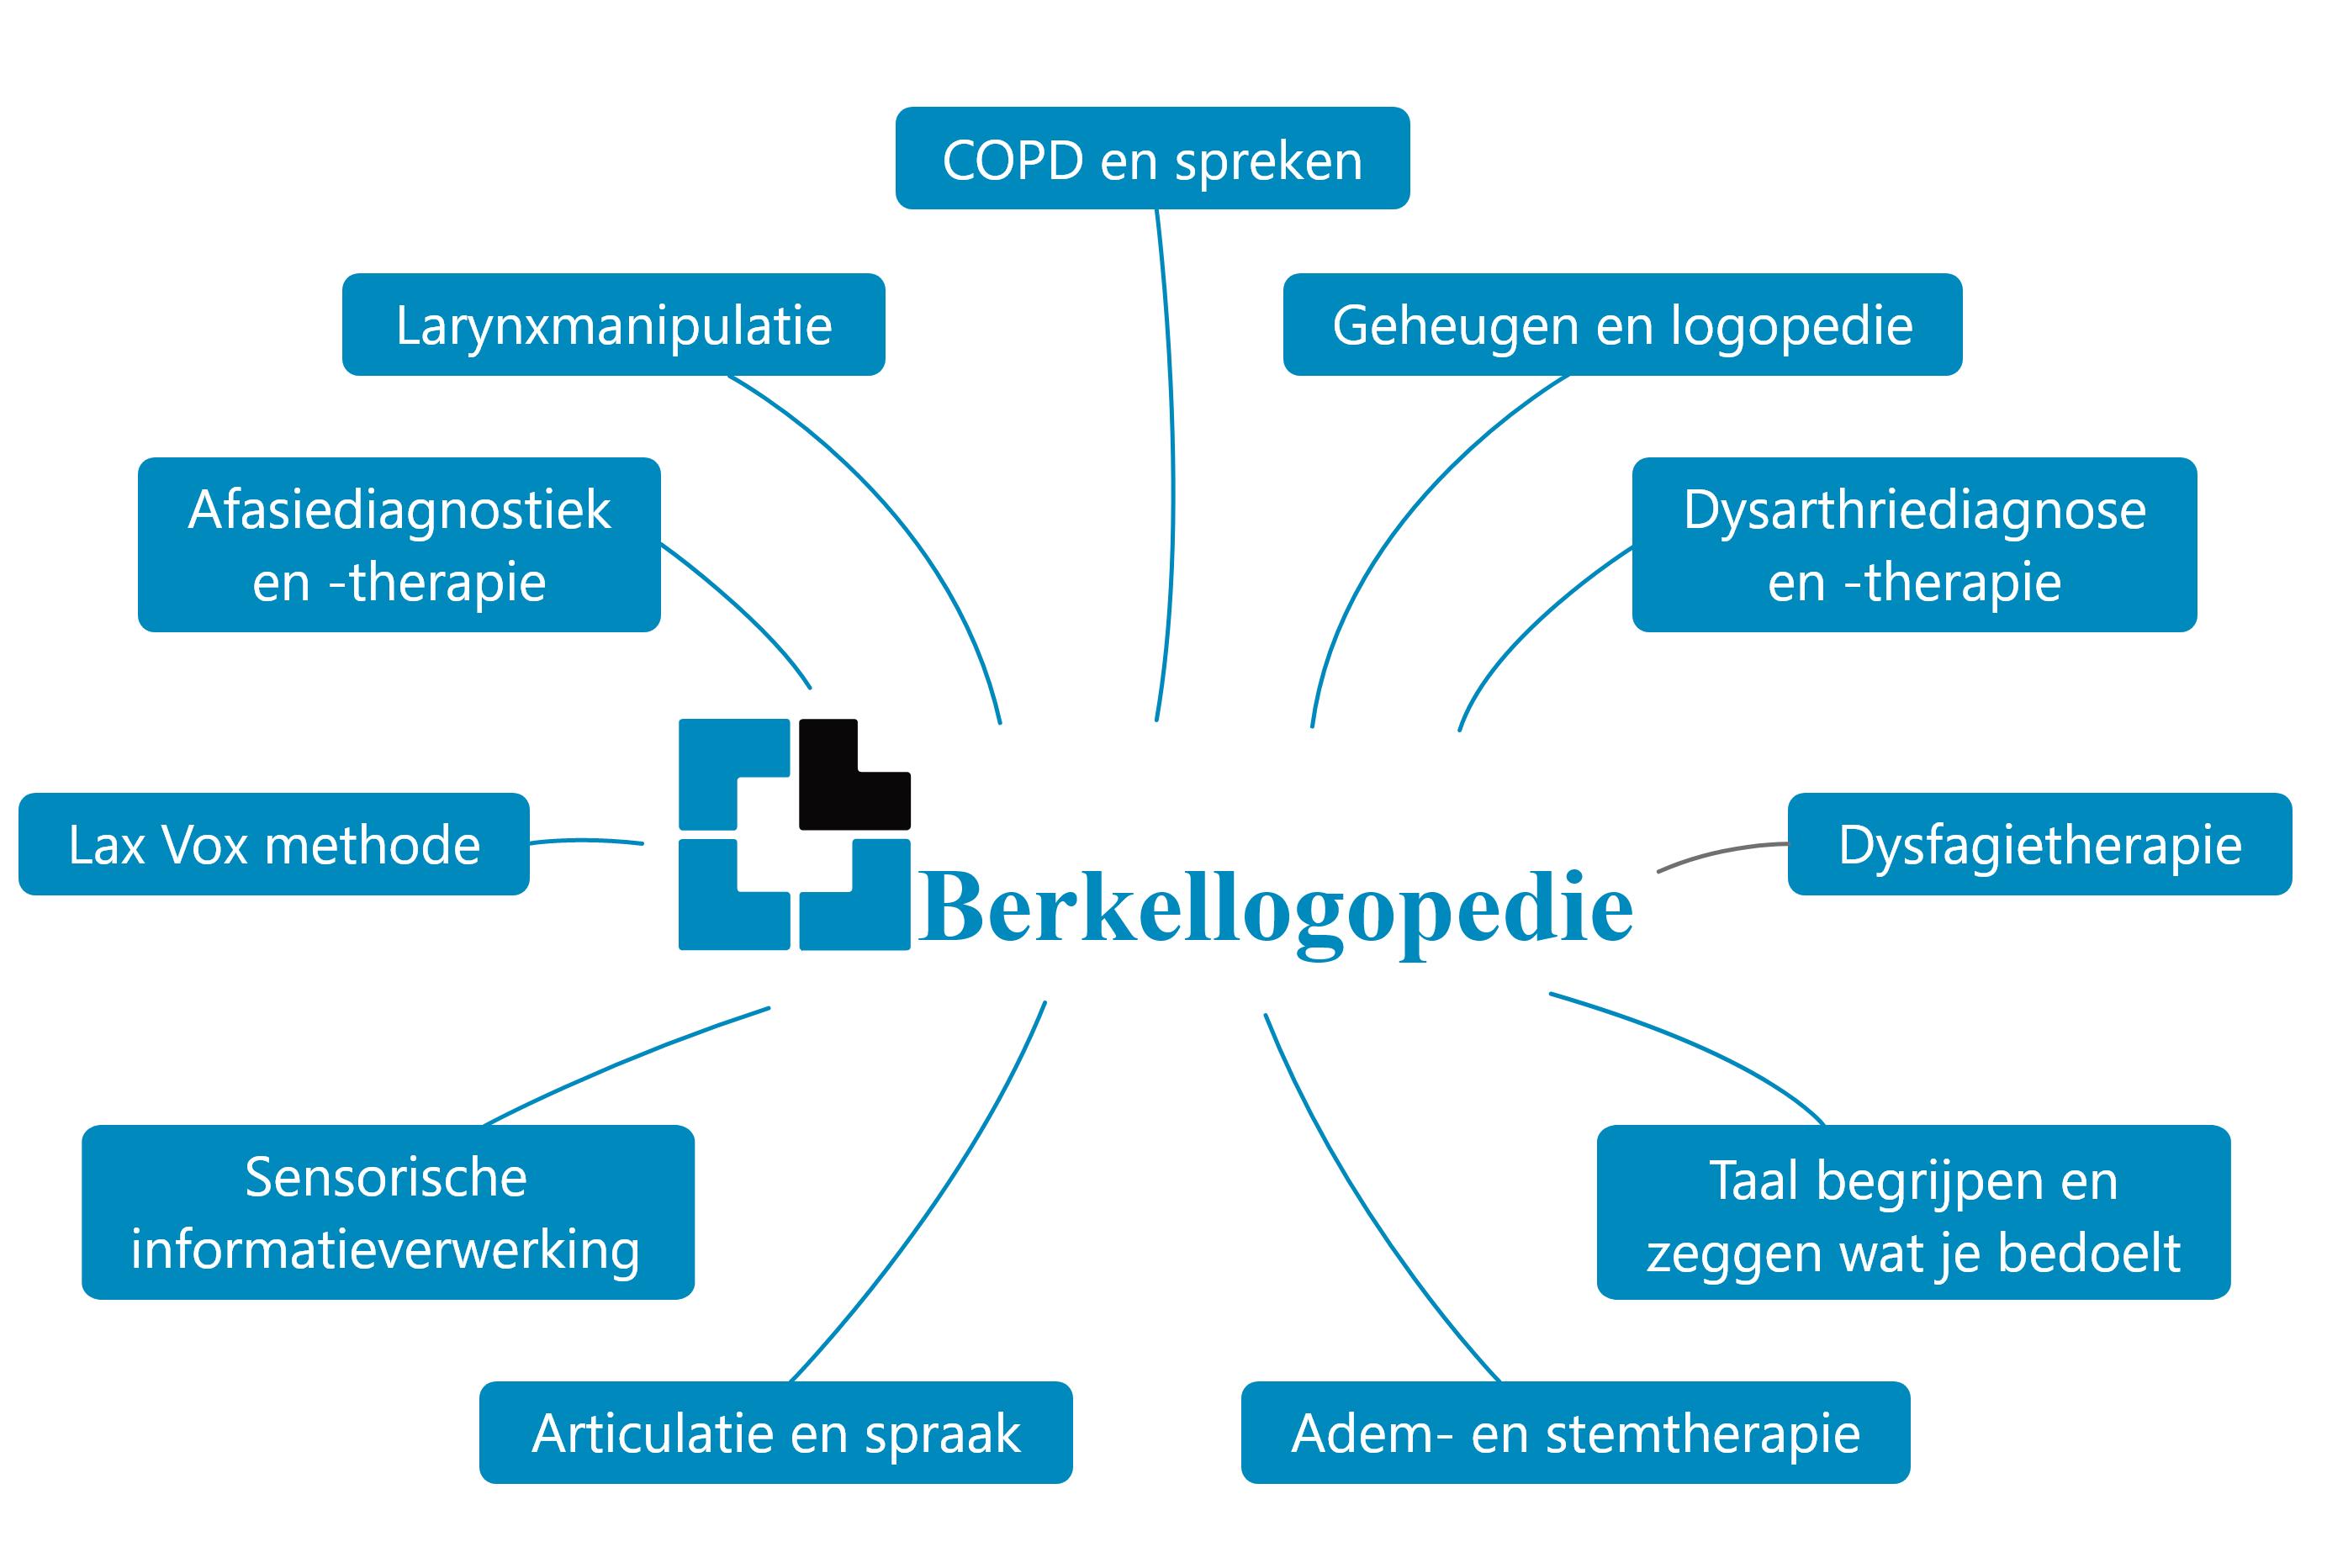 Berkel Logopedie specialisaties